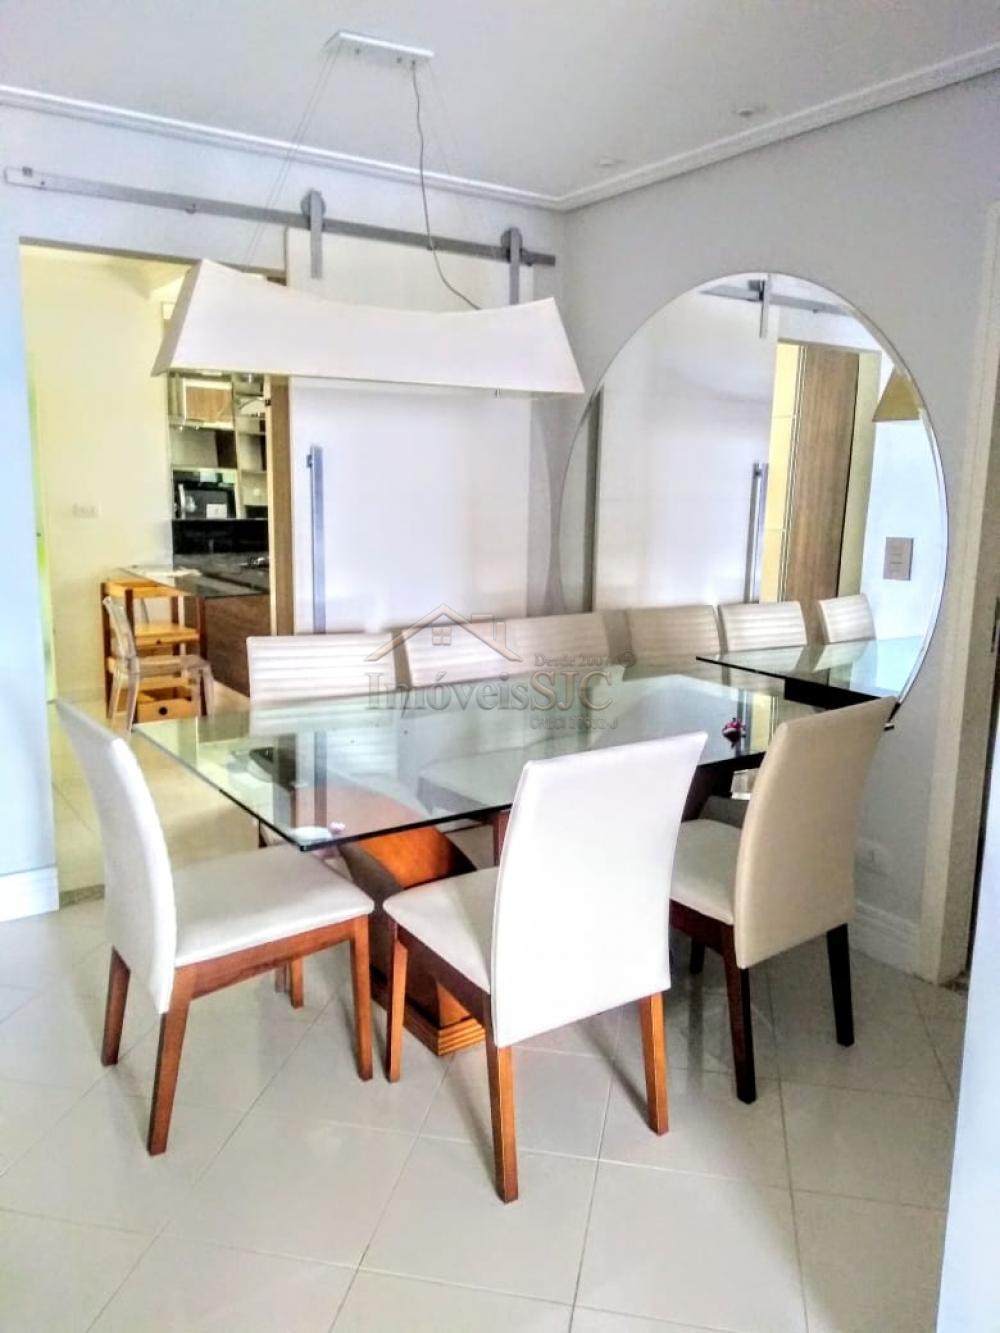 Comprar Apartamentos / Padrão em São José dos Campos apenas R$ 880.000,00 - Foto 6